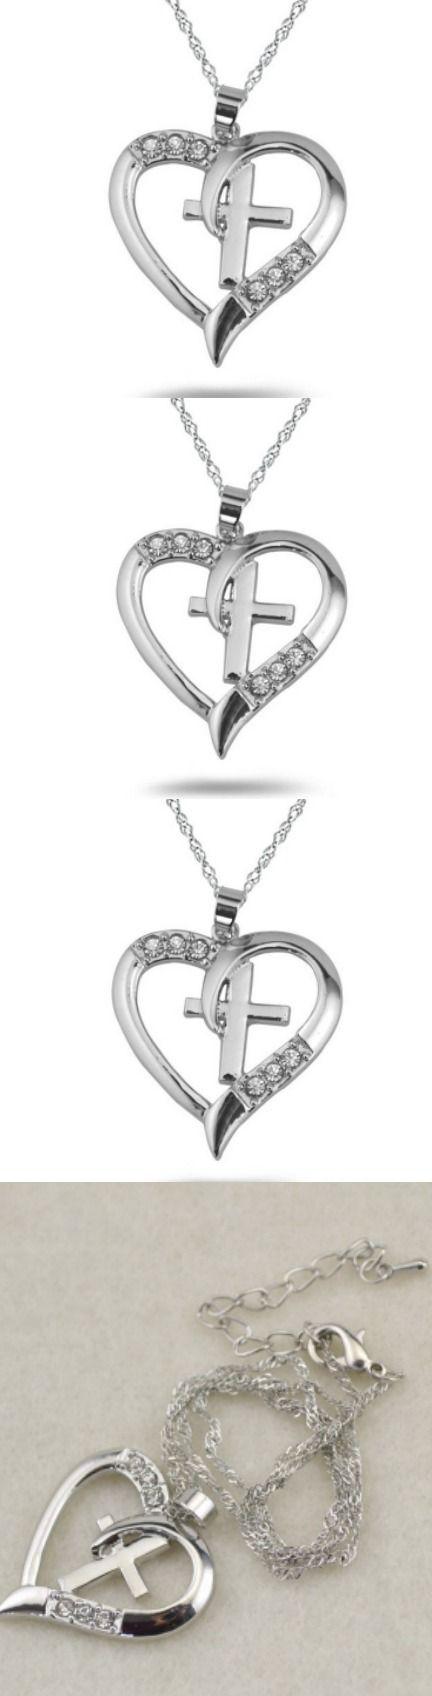 christian cross necklace  eBay